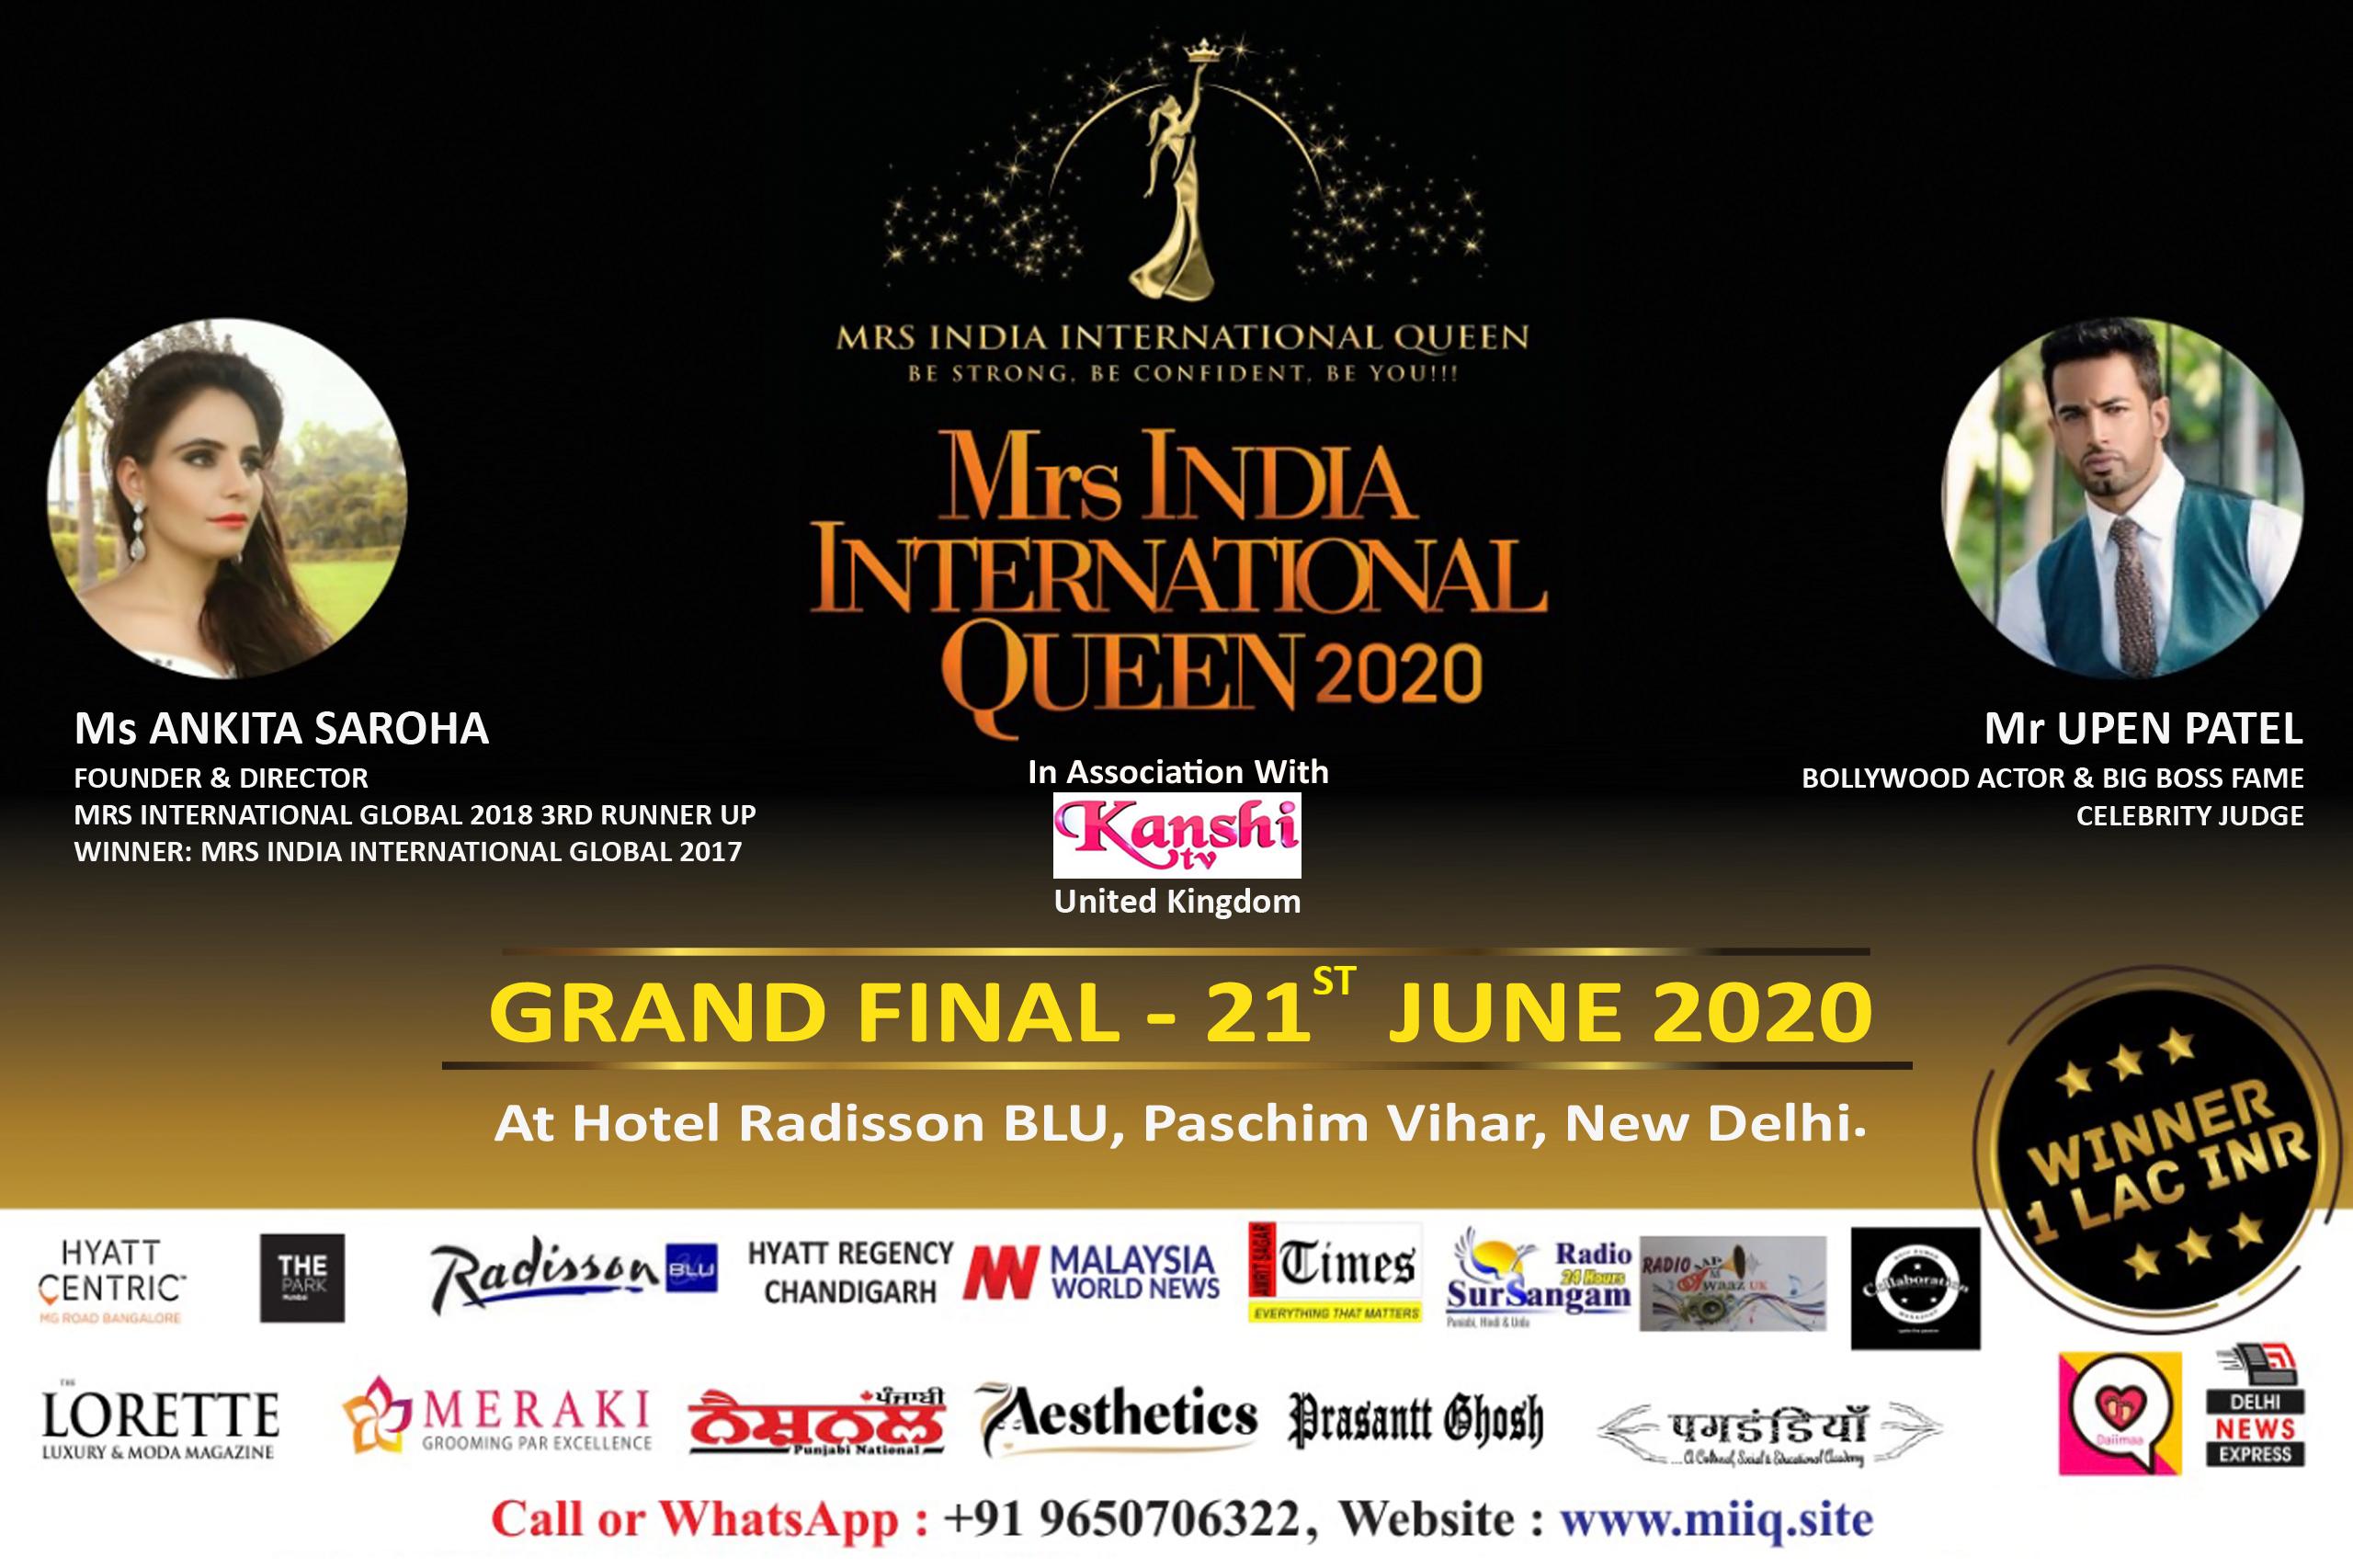 MRS INDIA INTERNATIONAL QUEEN 2020 GRAND FINAL, West Delhi, Delhi, India